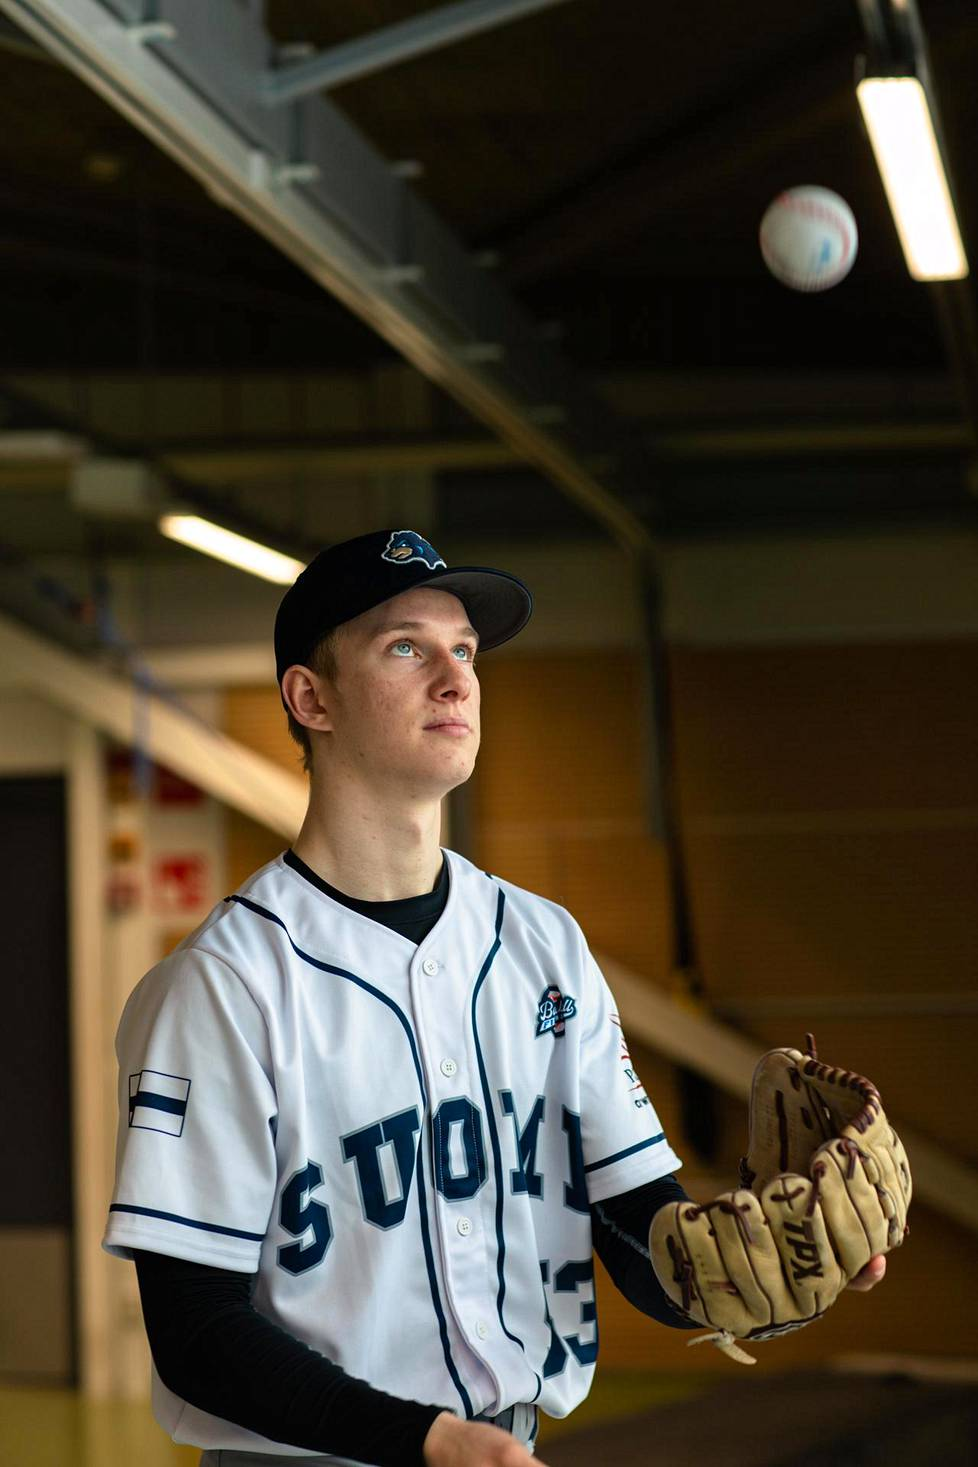 Konsta Kurikan kova heittokäsi on tehnyt vaikutuksen baseball-piireissä aina ulkomaisia ammattilaisorganisaatioita myöten.